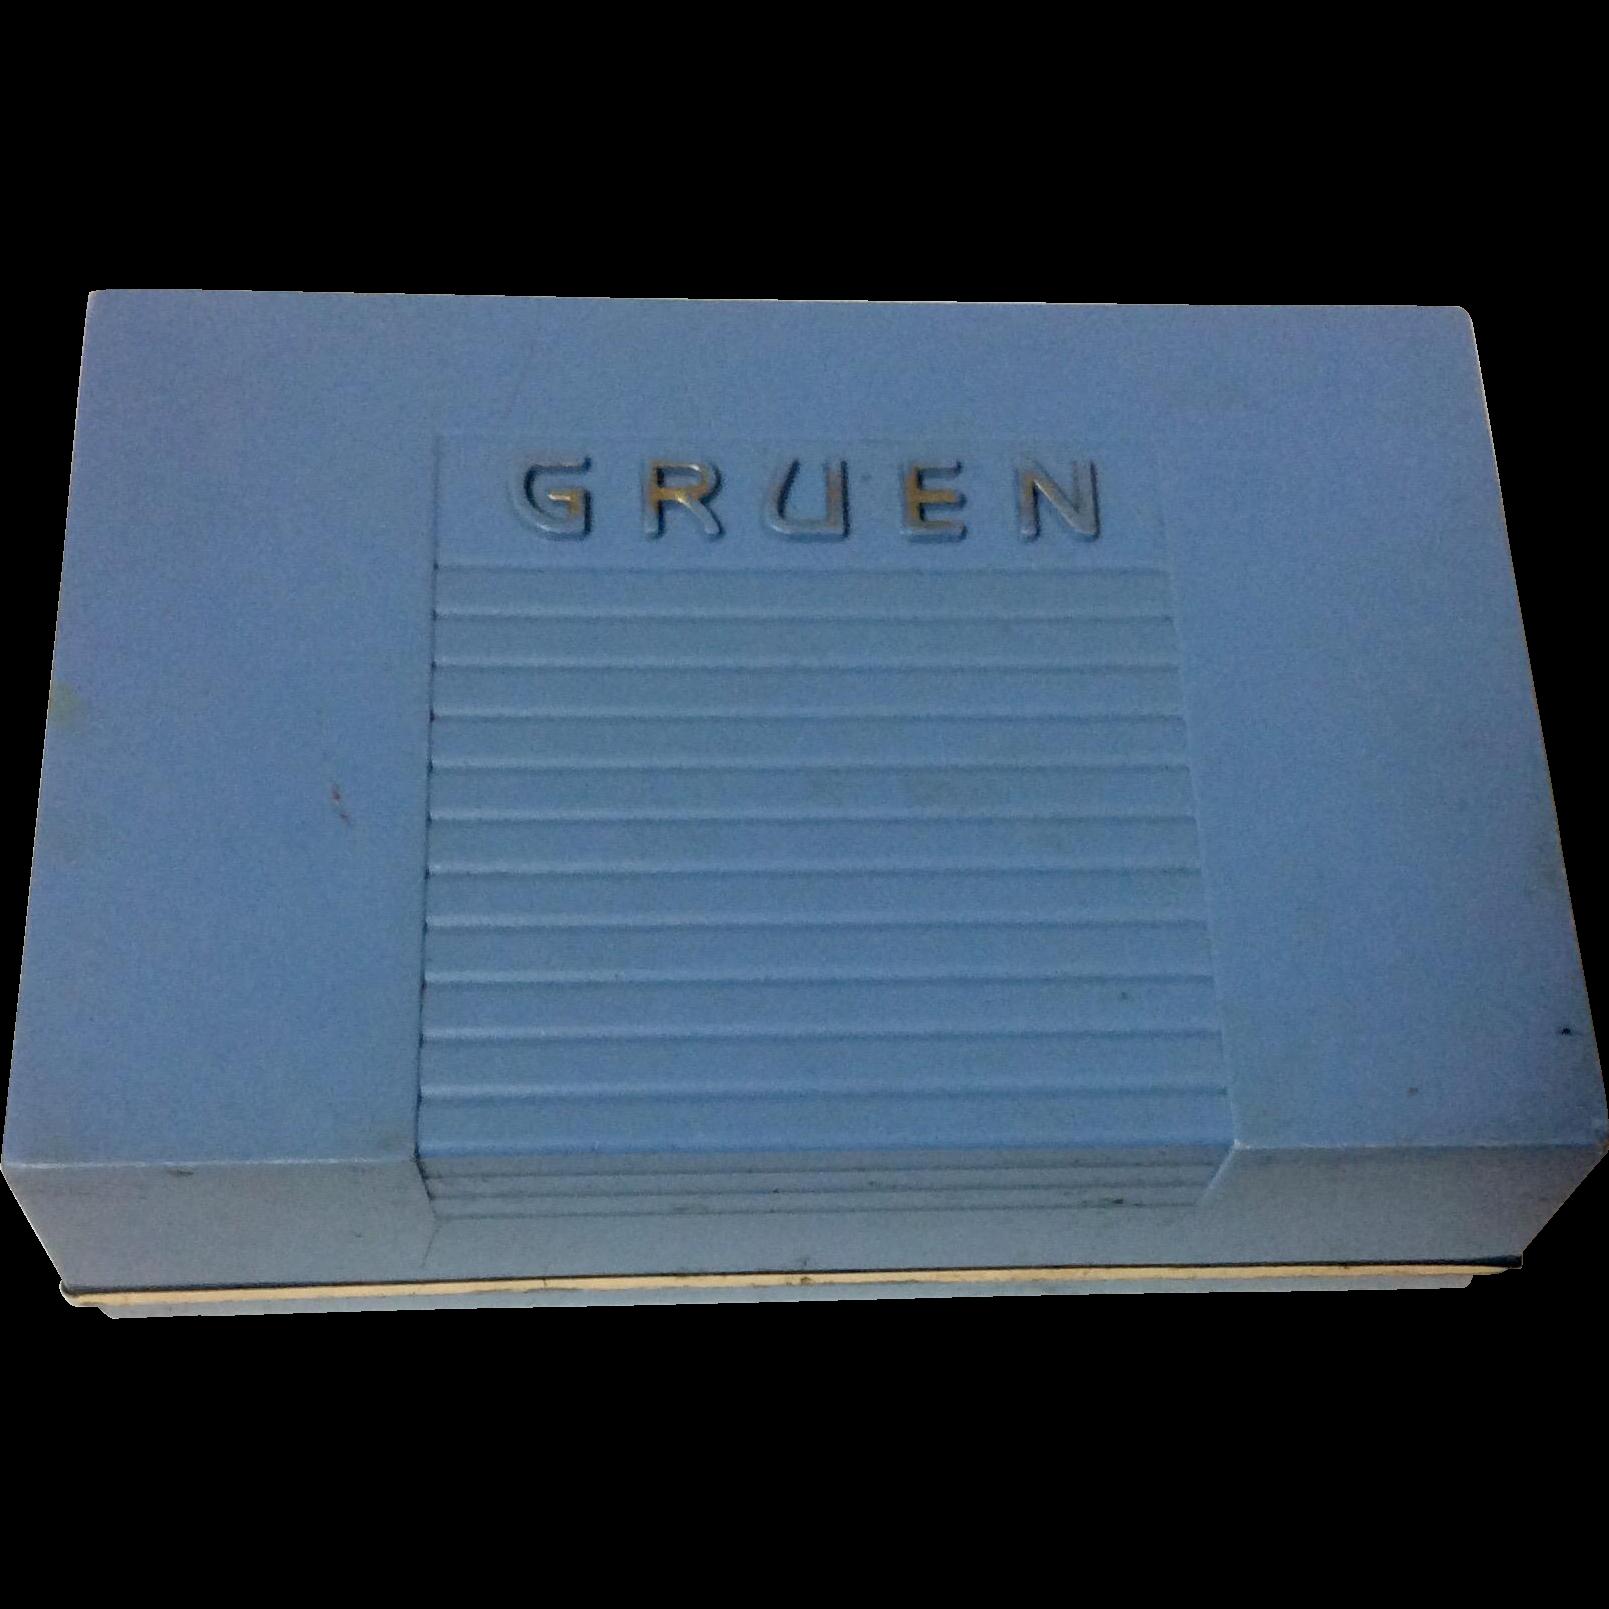 Vintage Gruen Watch Display Boxy